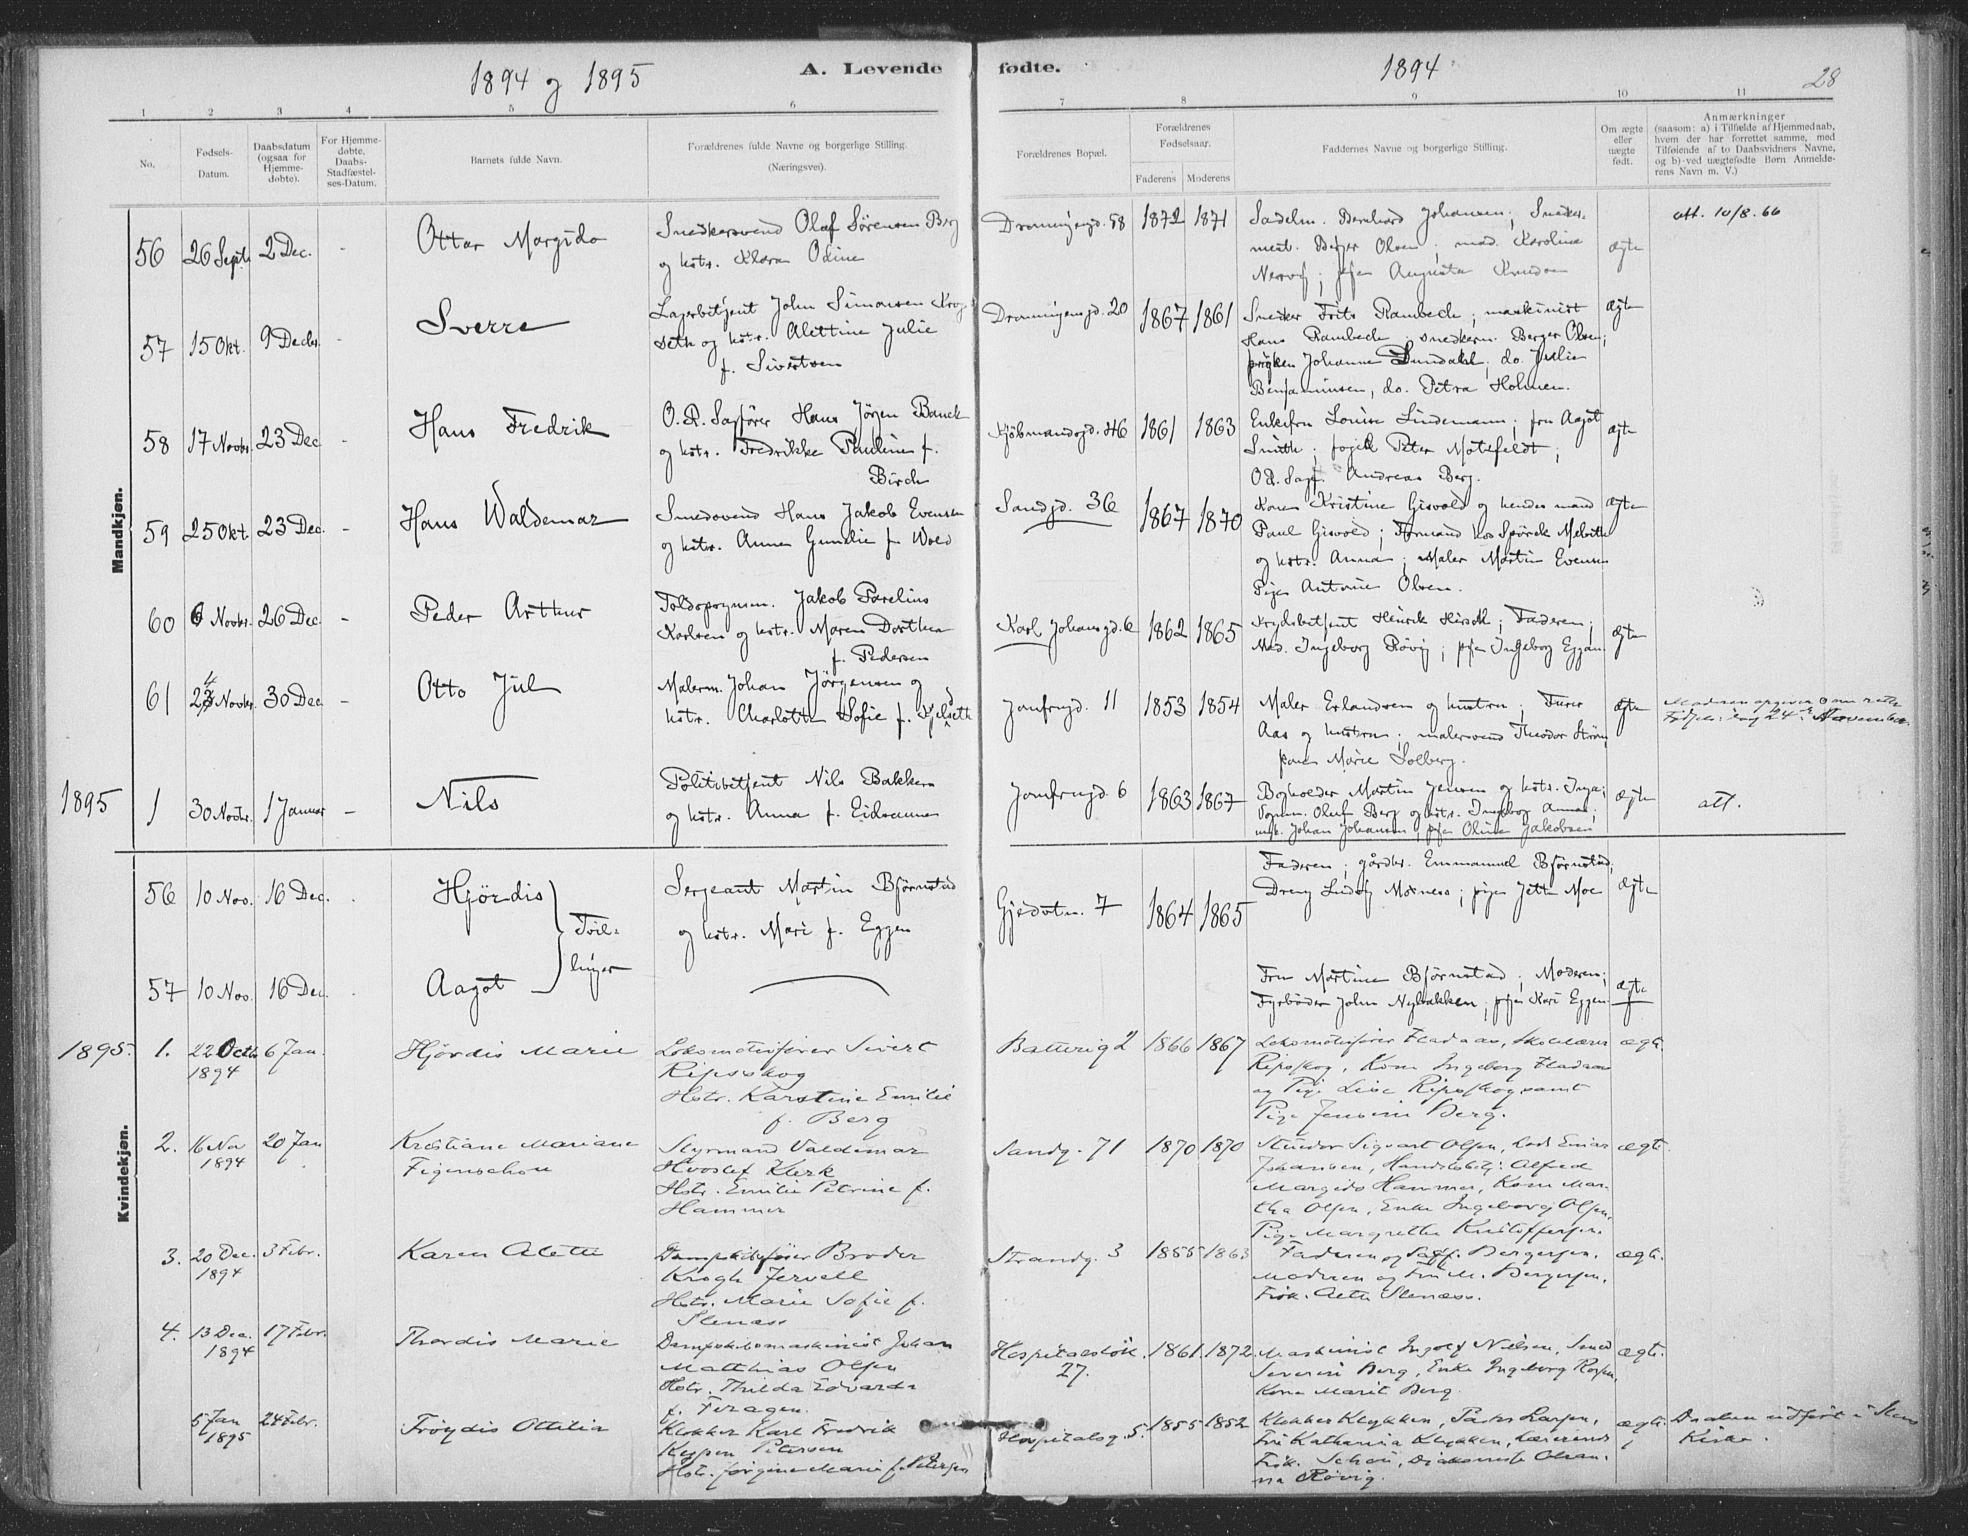 SAT, Ministerialprotokoller, klokkerbøker og fødselsregistre - Sør-Trøndelag, 602/L0122: Ministerialbok nr. 602A20, 1892-1908, s. 28